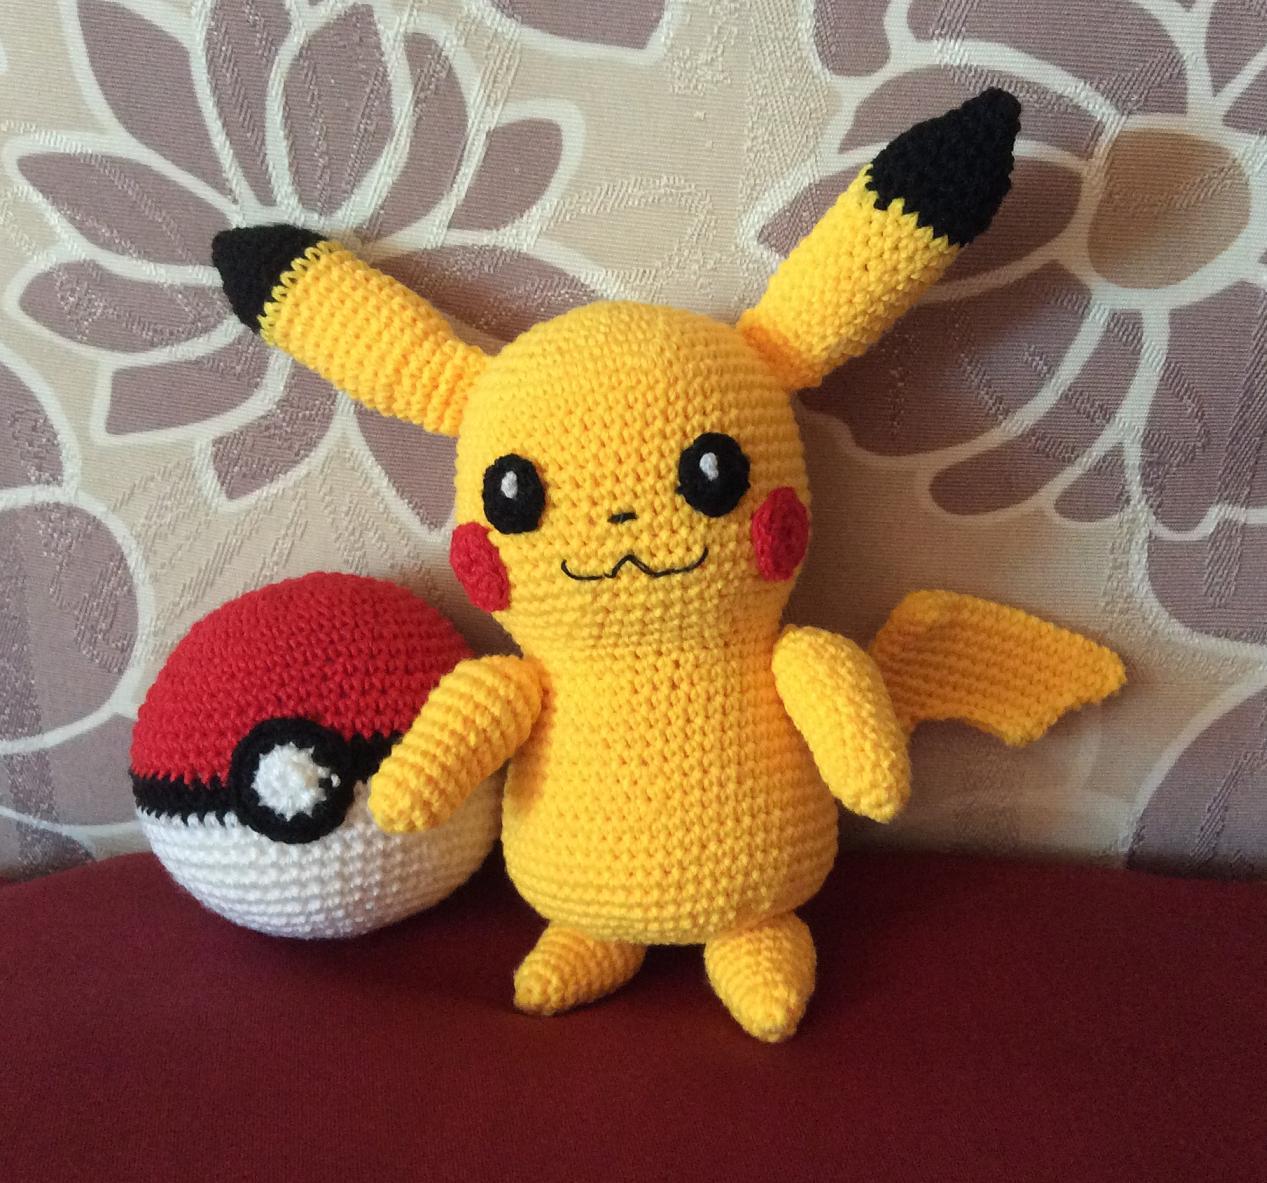 The Moody Homemaker: Crochet / Amigurumi Pikachu & Pokeball